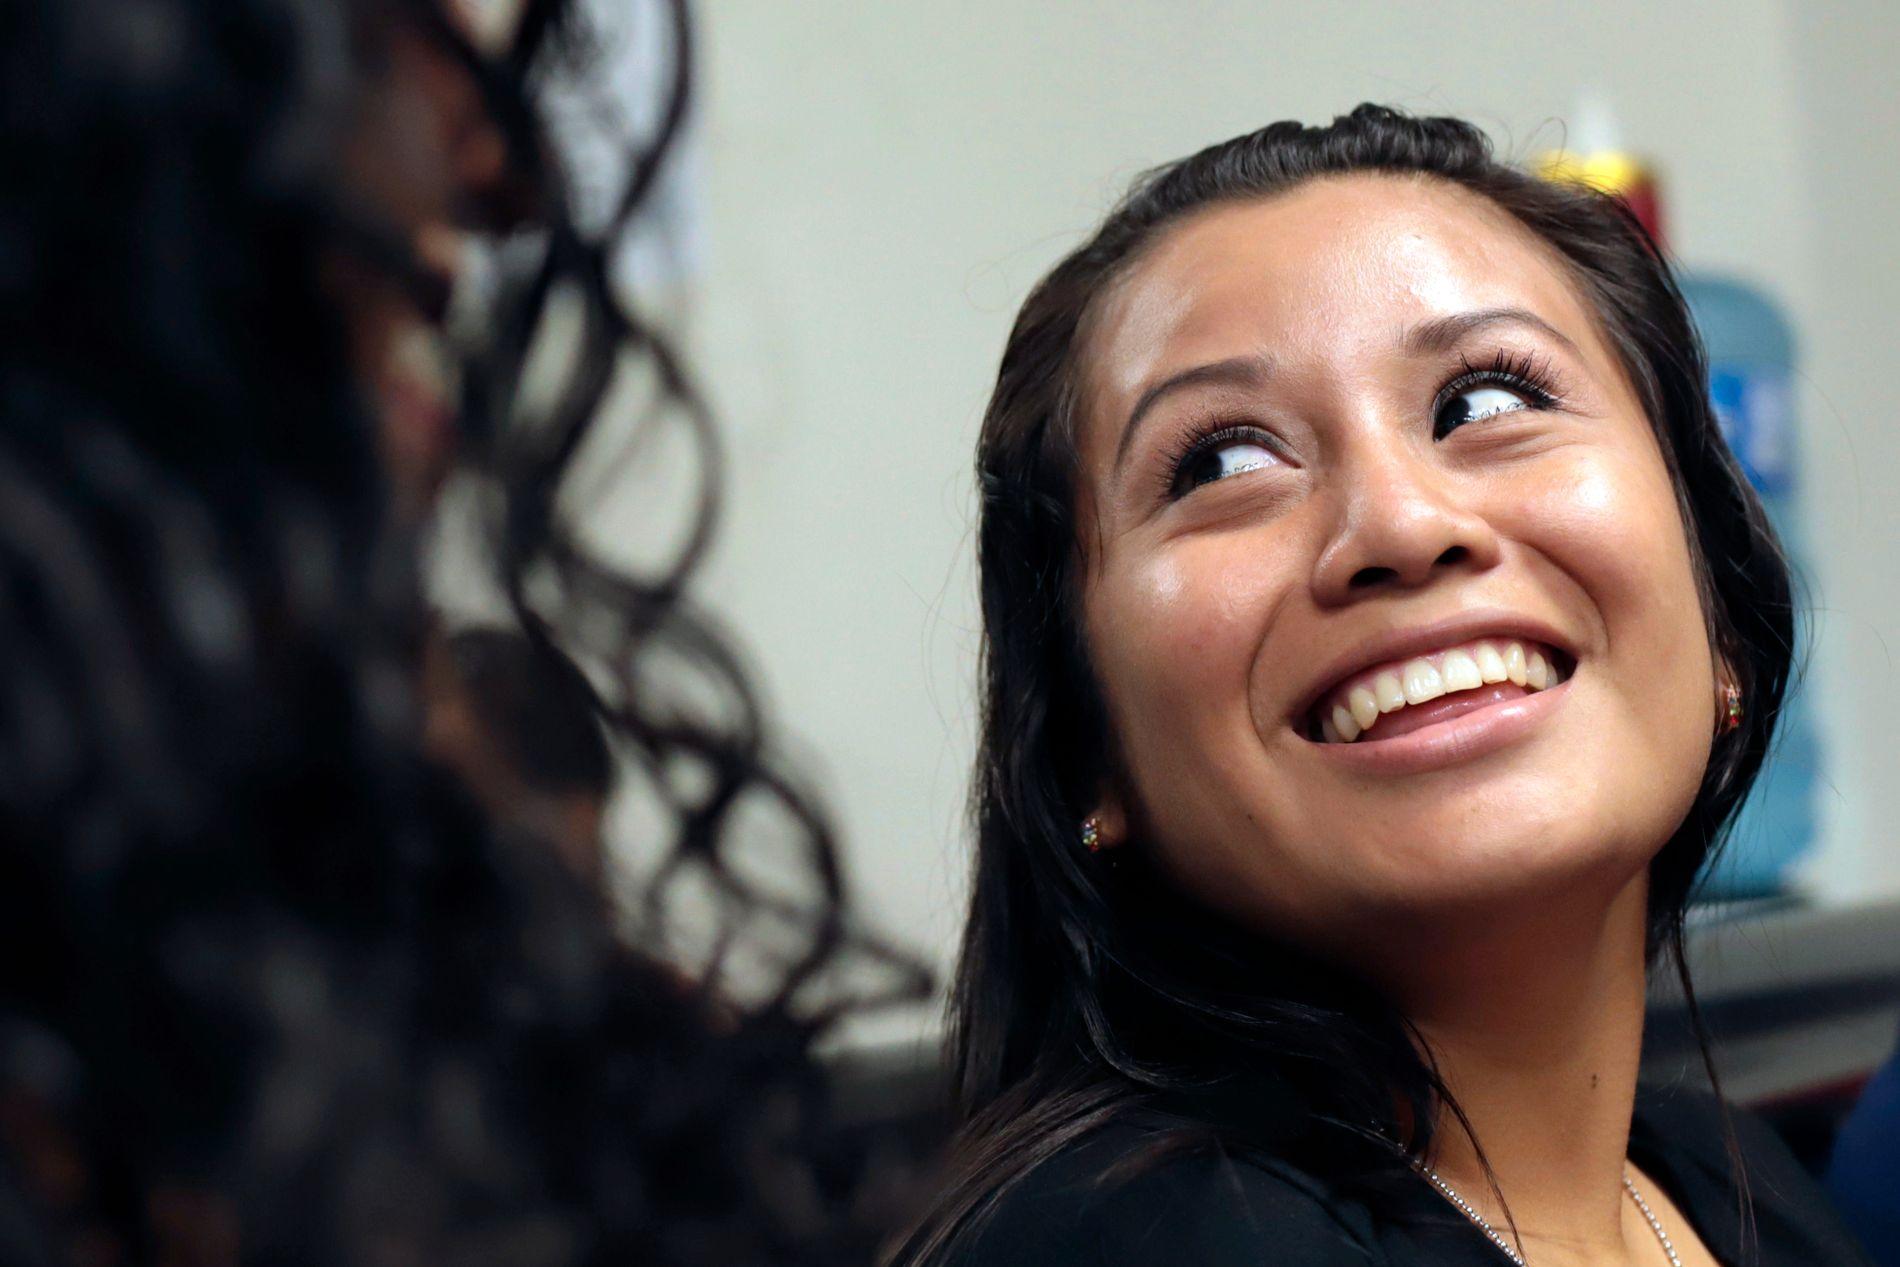 Evelyn Hernandez (21) smiler etter å ha blitt frikjent for drap på sitt dødfødte barn. Foto: AP / NTB scanpix